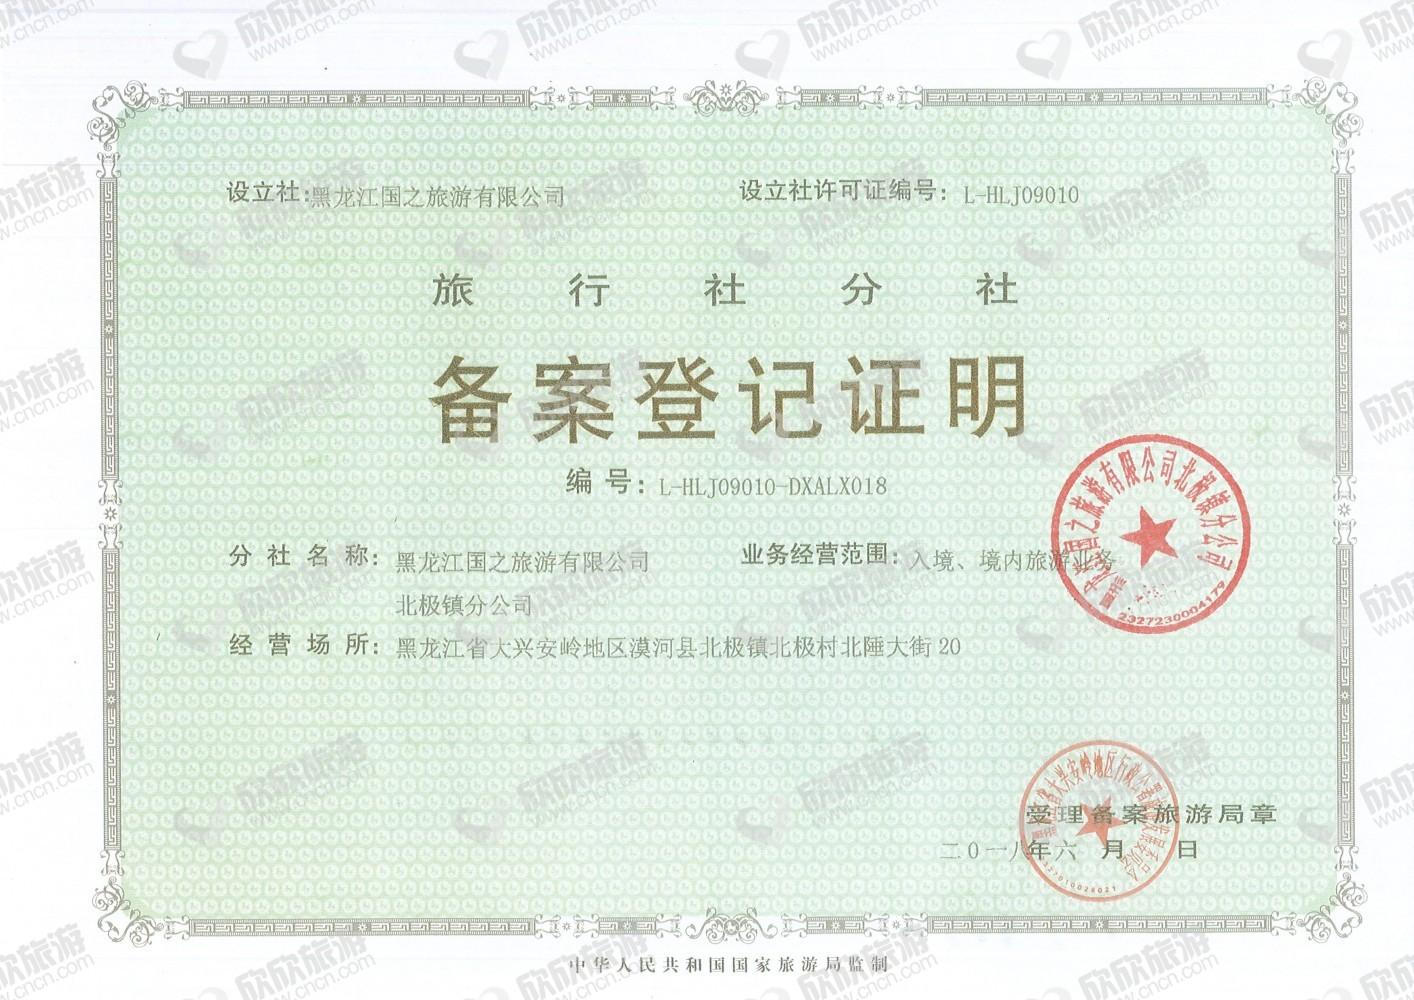 黑龙江国之旅游有限公司北极镇分公司经营许可证